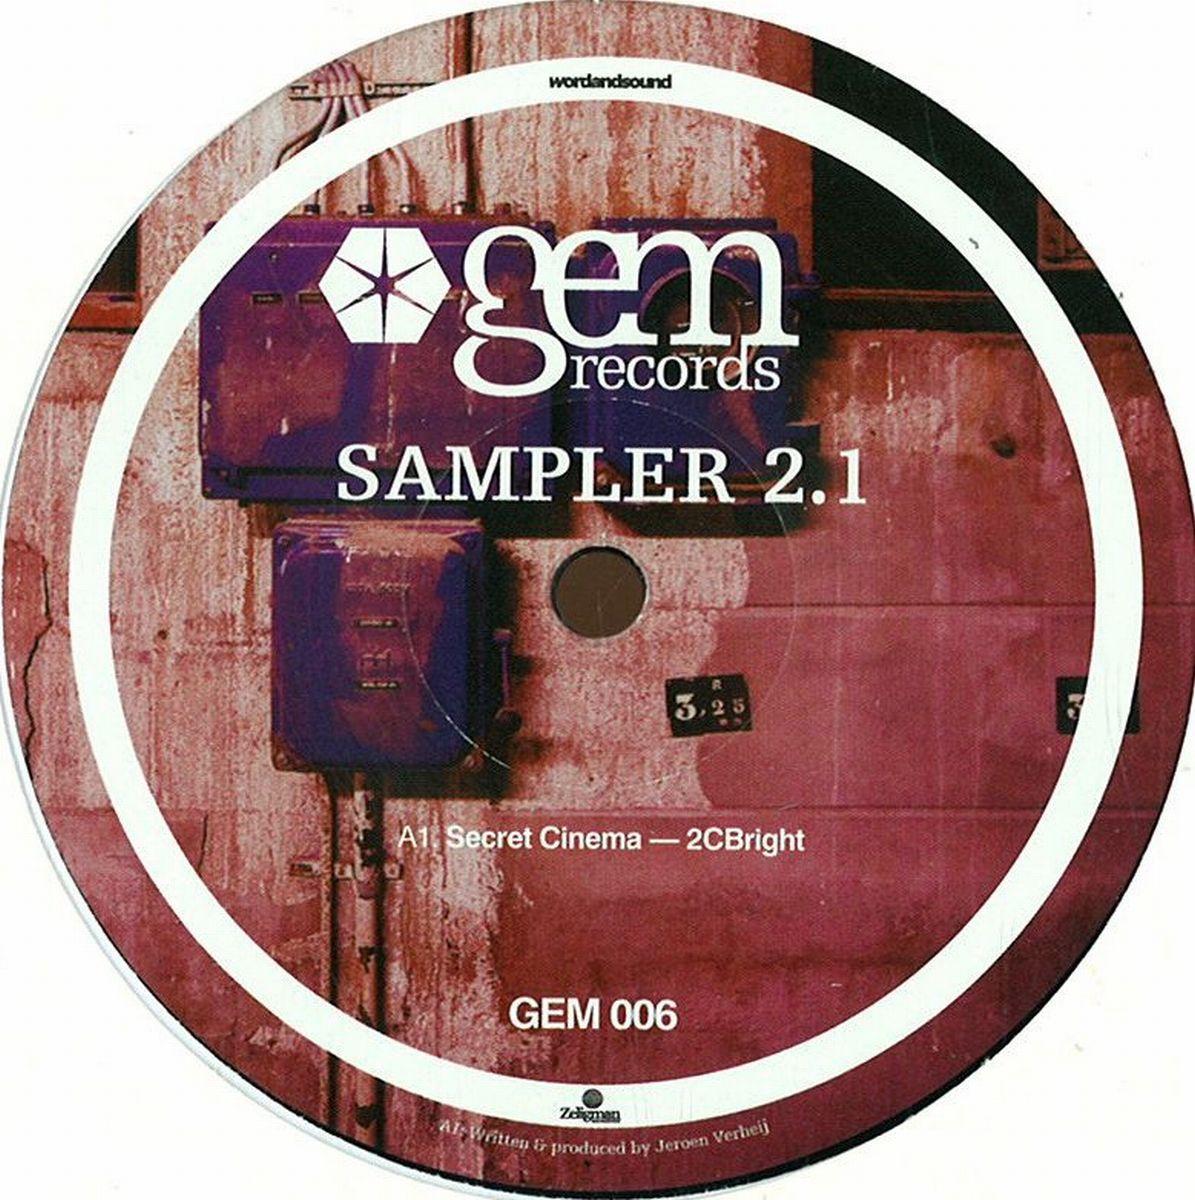 Gem Sampler - Sampler 2 1 / GEM RECORDS GEM006 - Vinyl